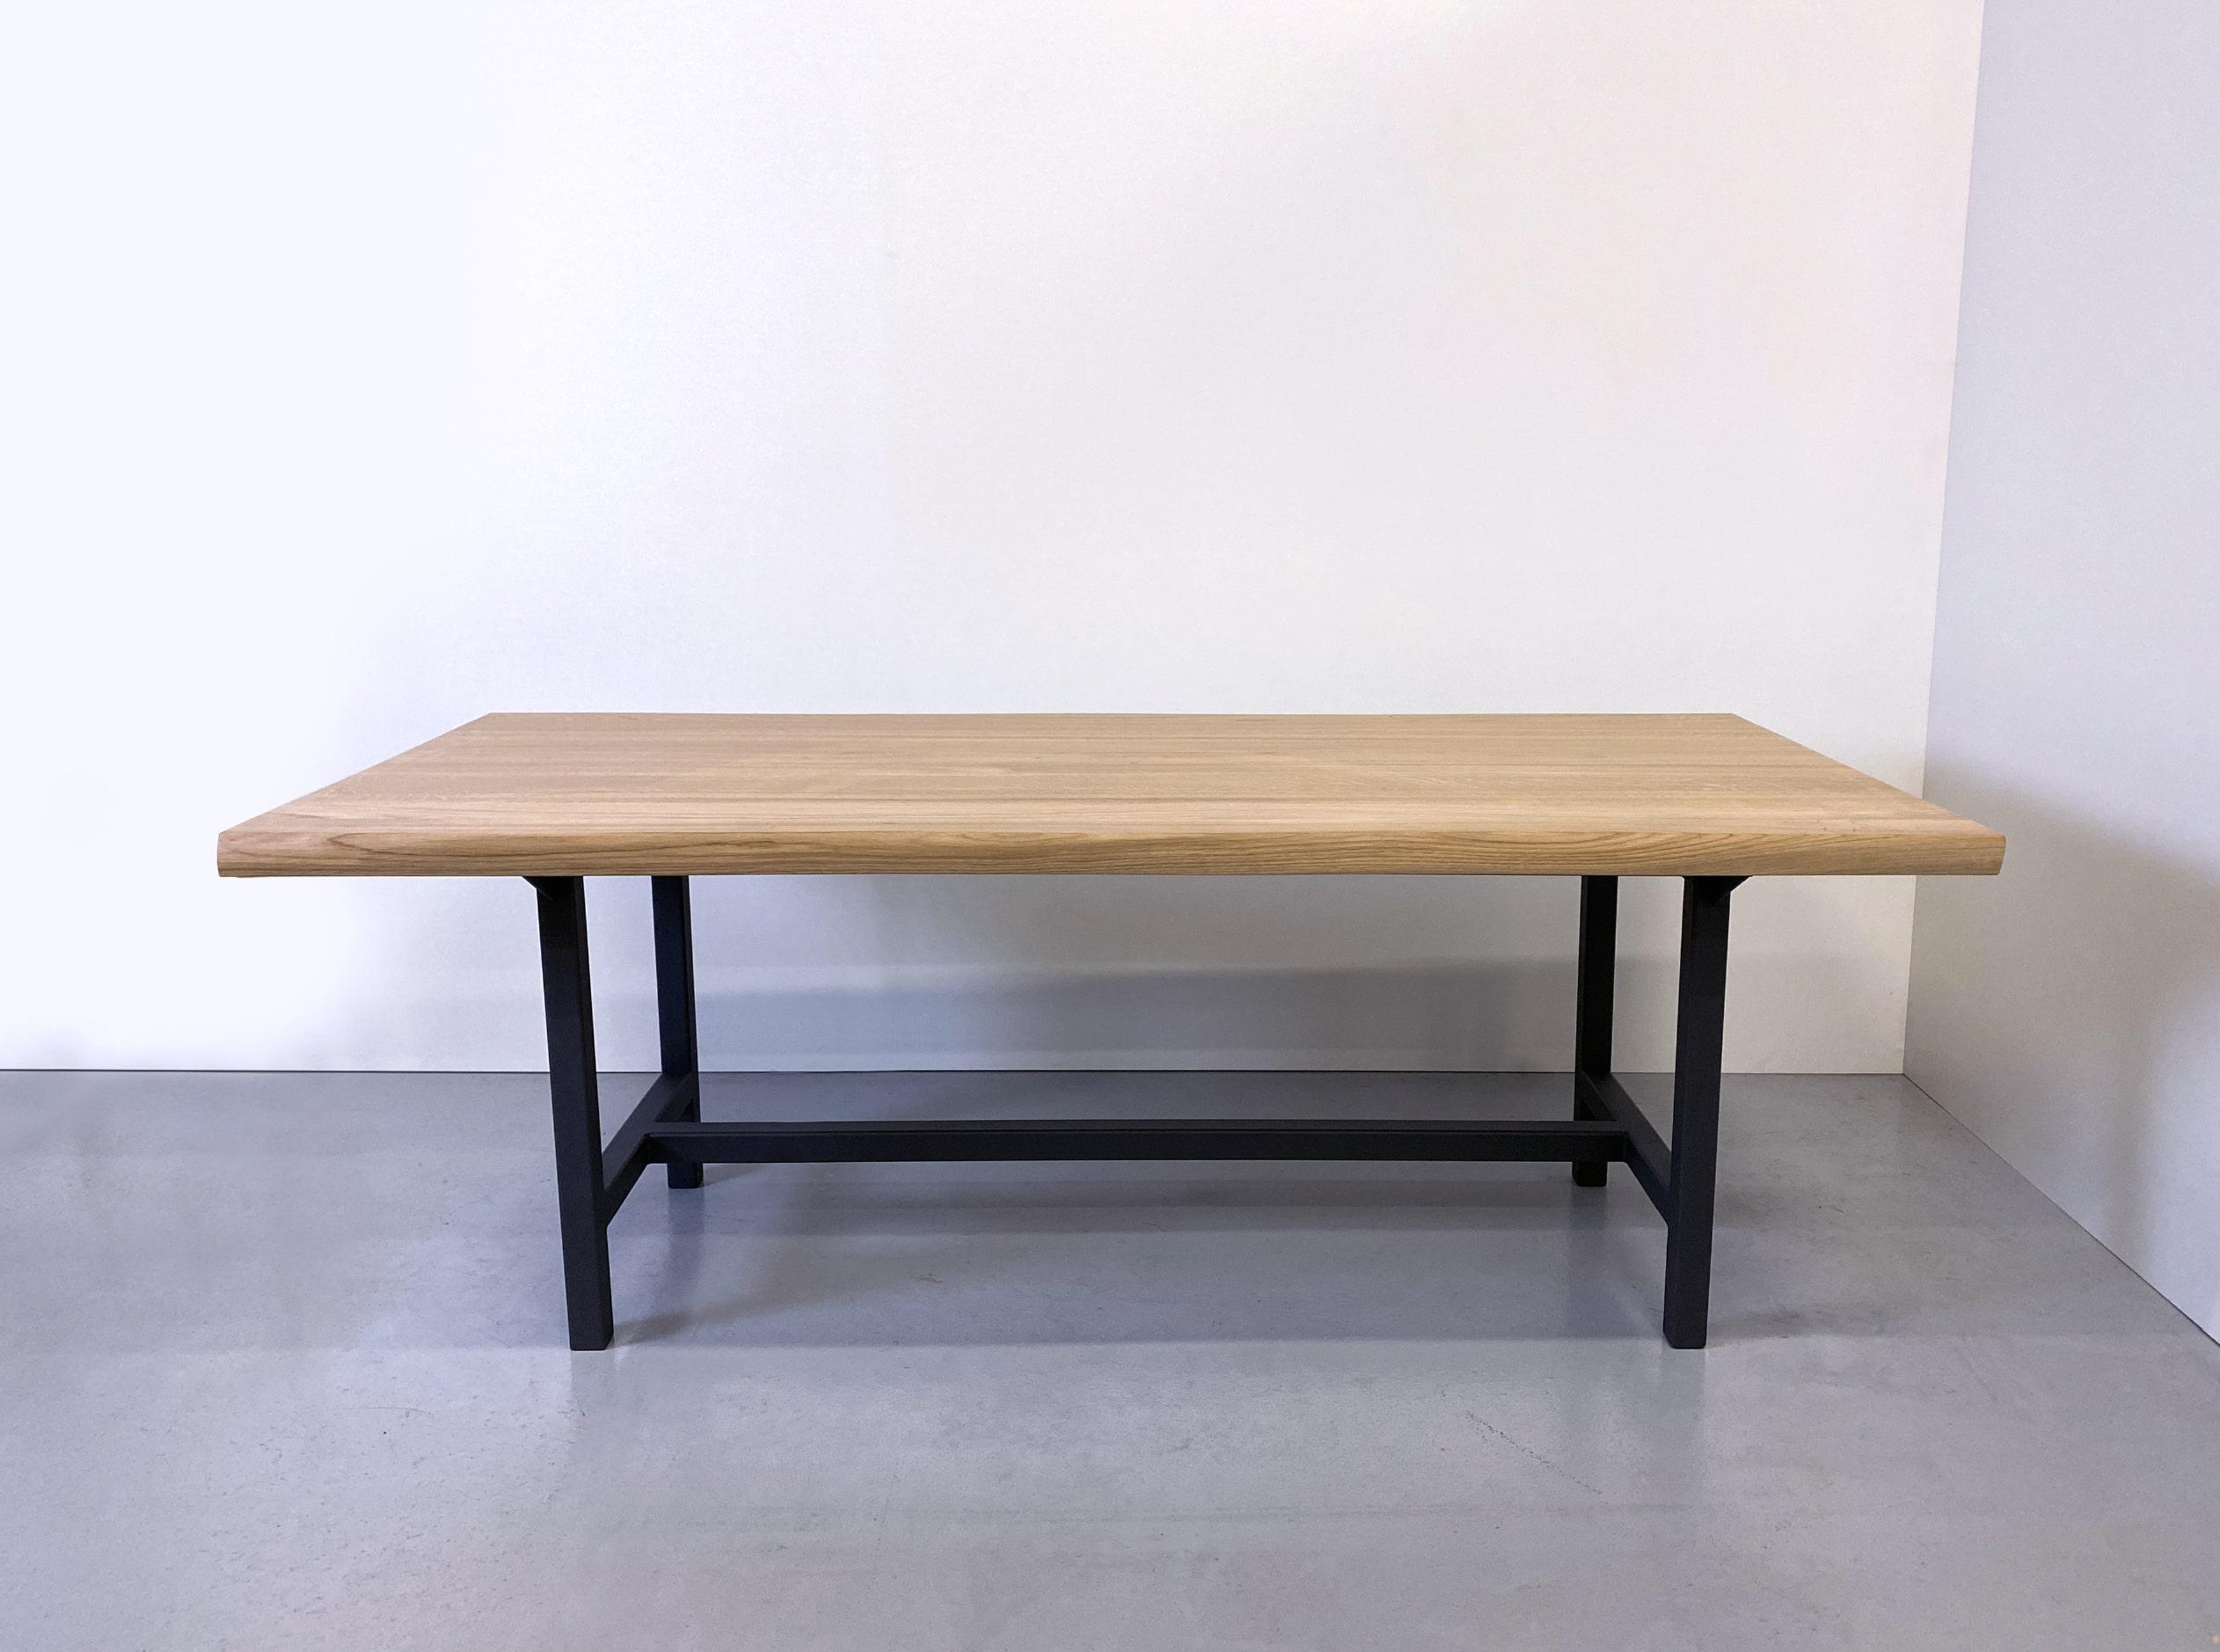 Table Campagne / bois massif et acier / fabrication sur mesure ARTMETA